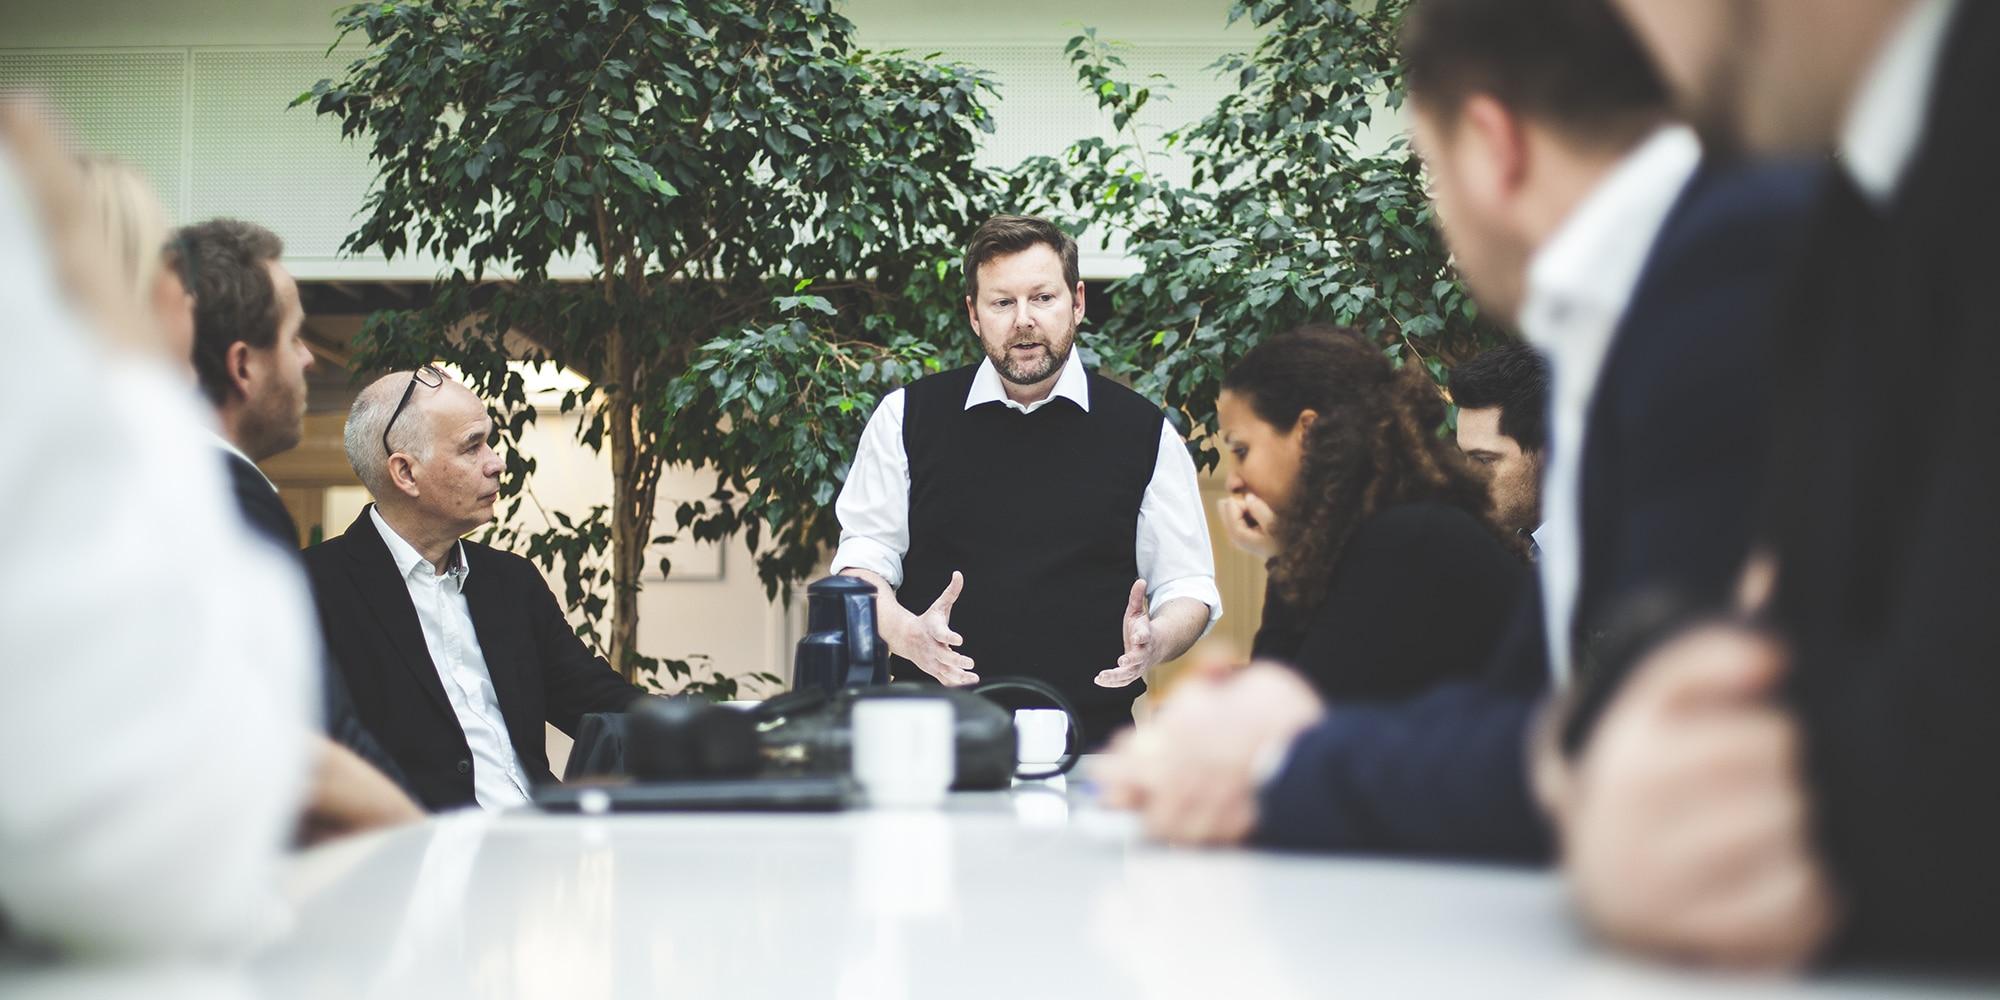 Din-Forsikringsekspert-Soeren-Ahlgren-Mortensen-raadgivning